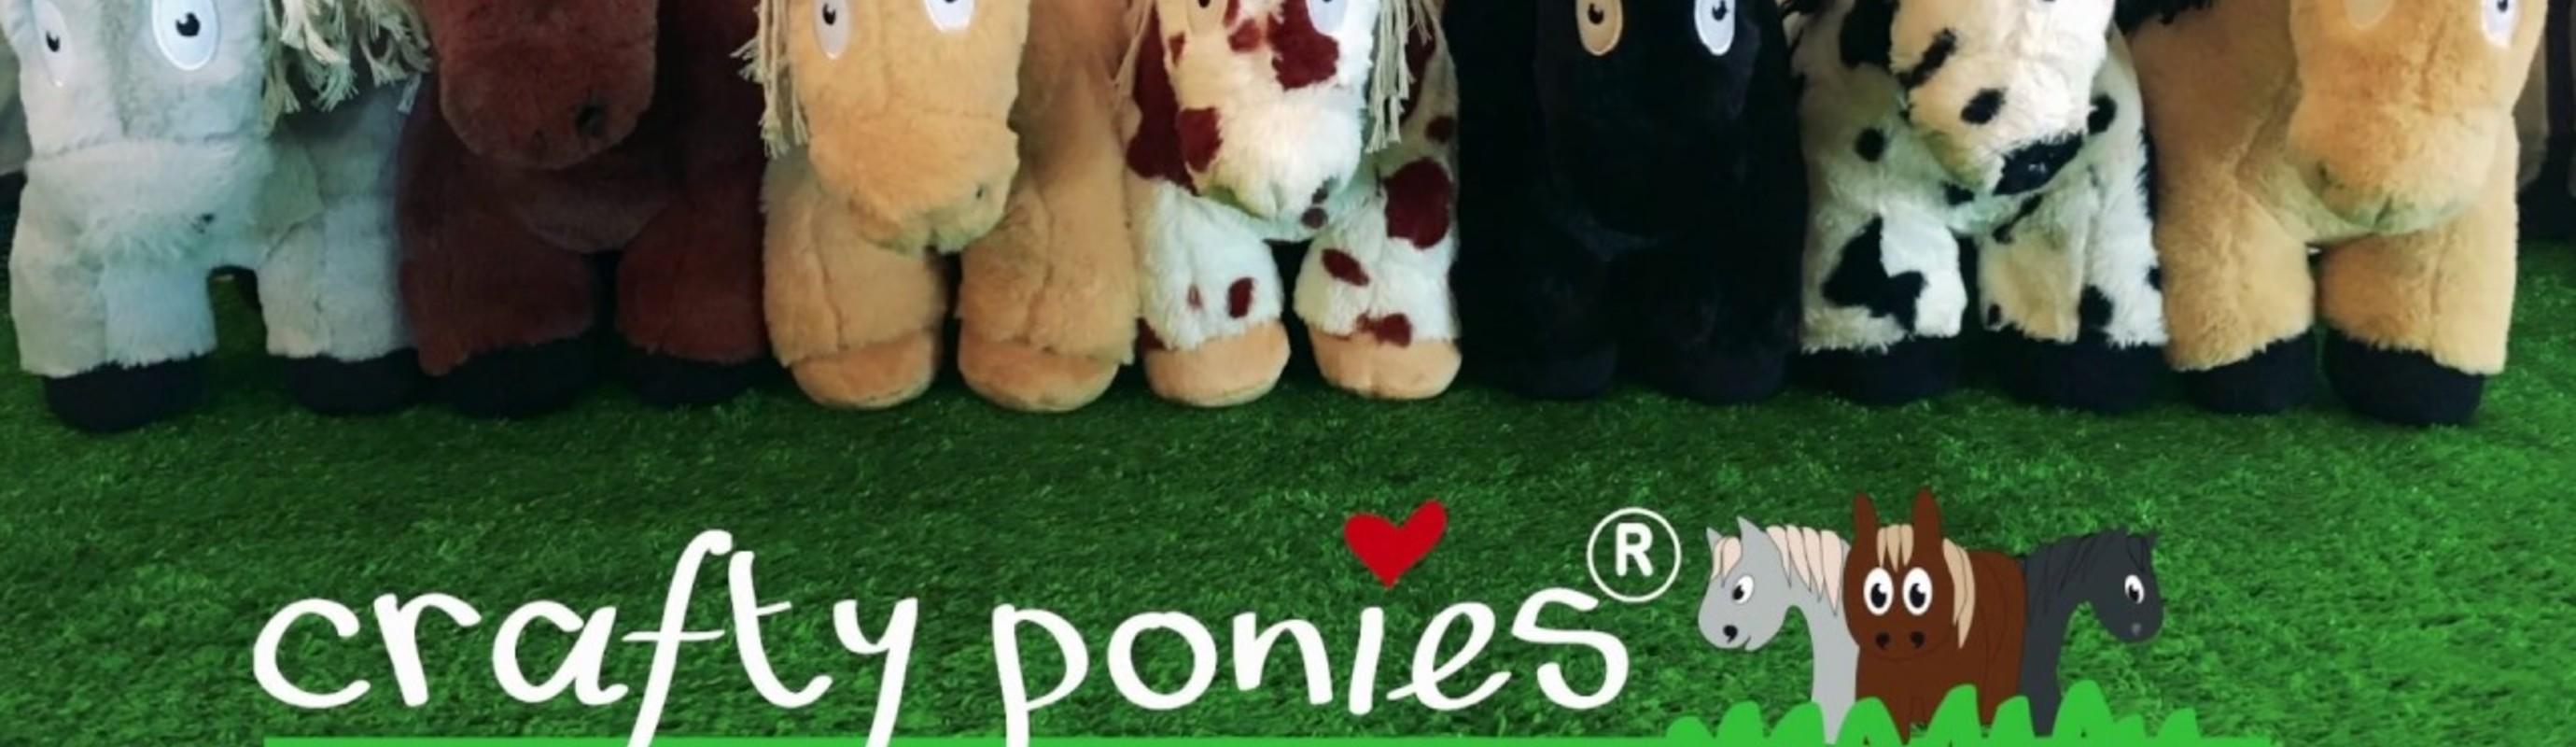 Leerzame paardenknuffels: de Crafty Ponies!